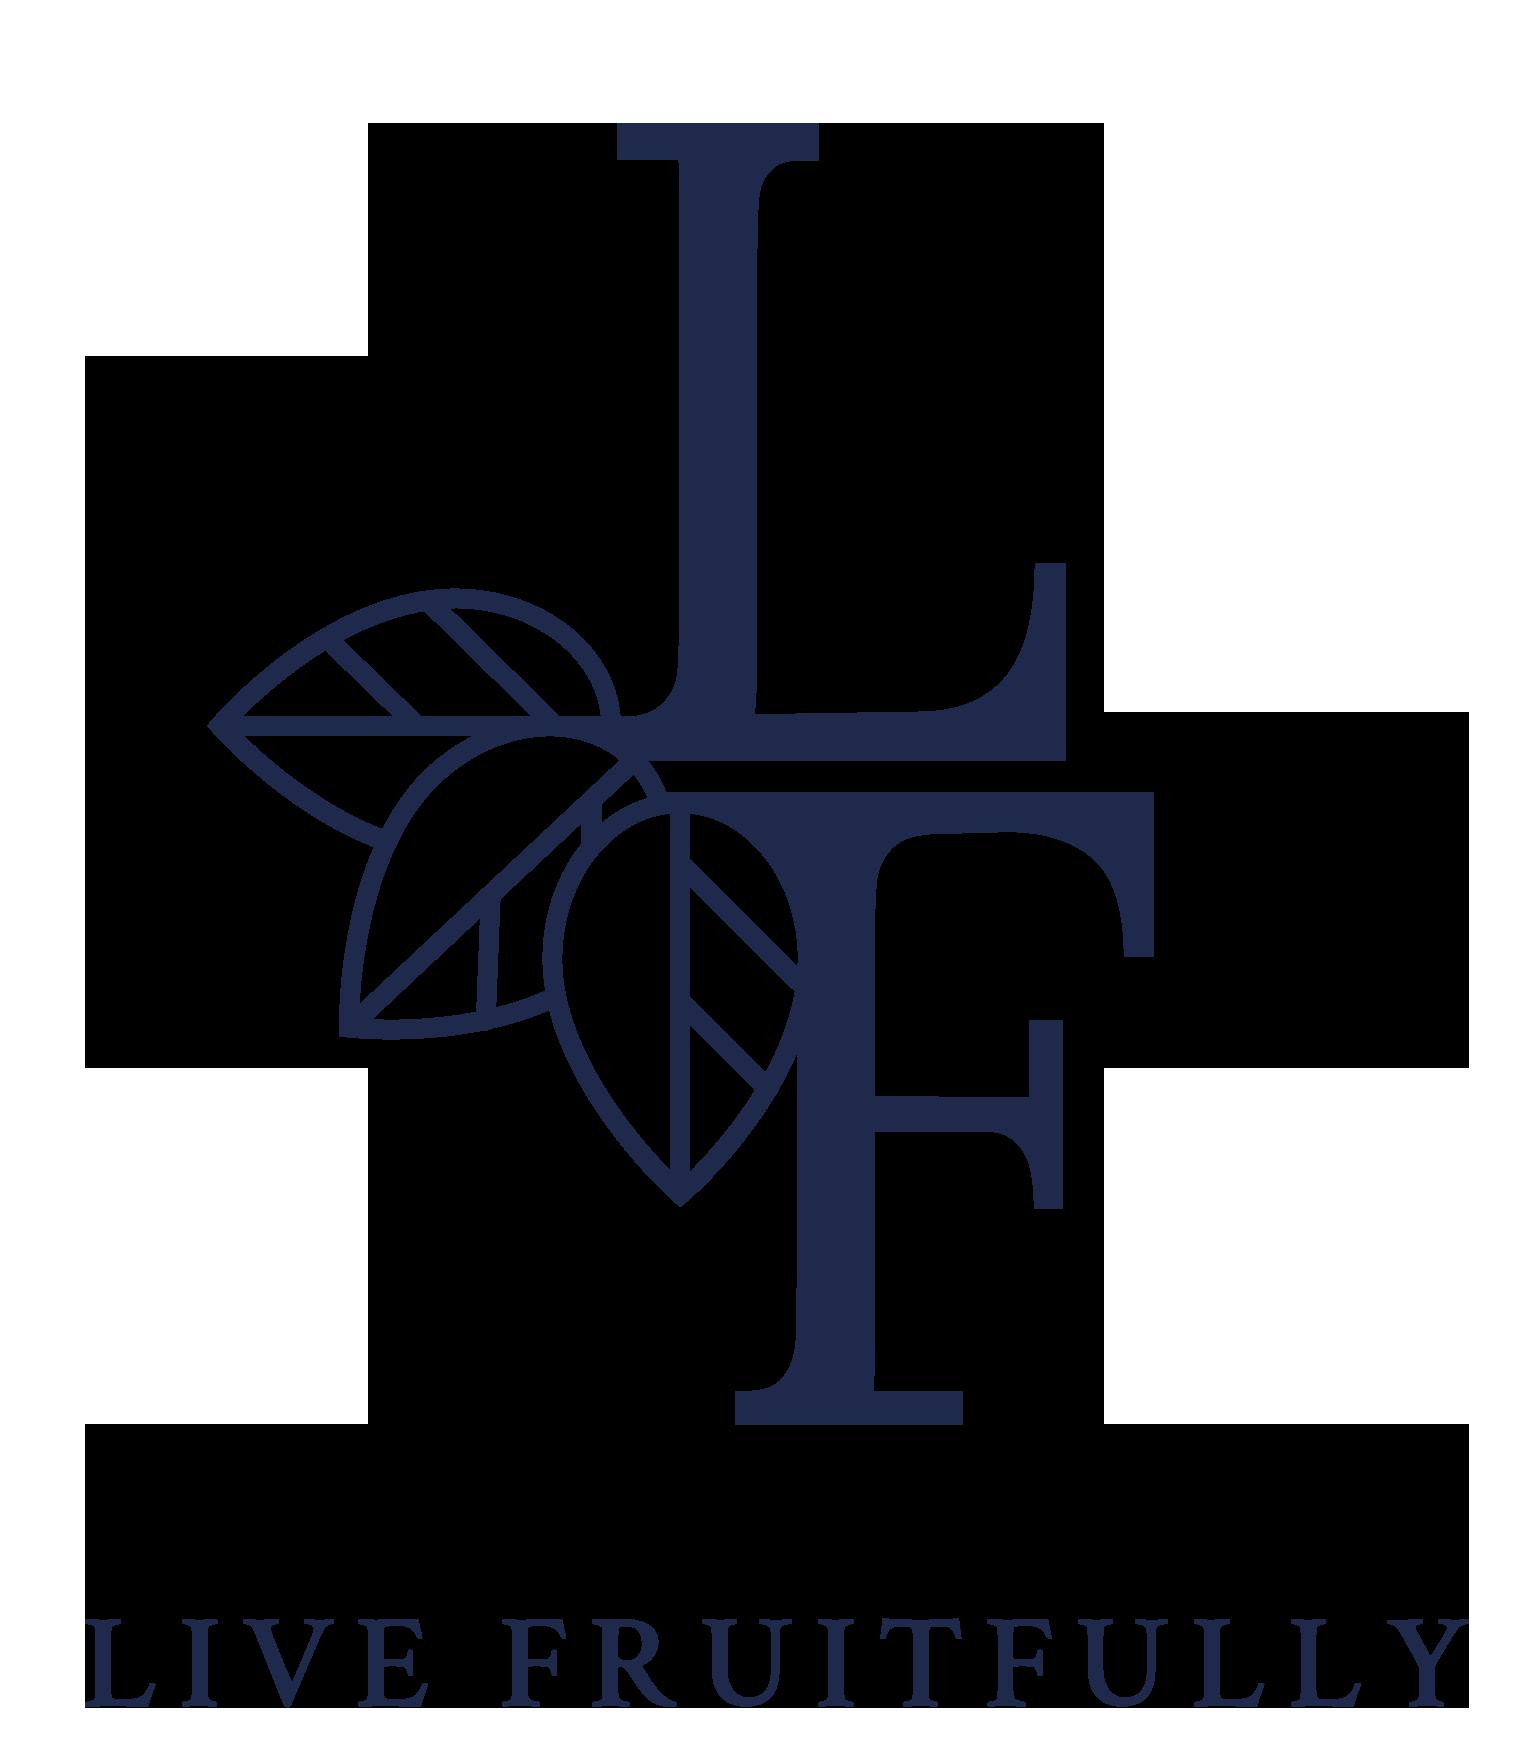 LiveFruitfully_Logo-PNG cropped.png